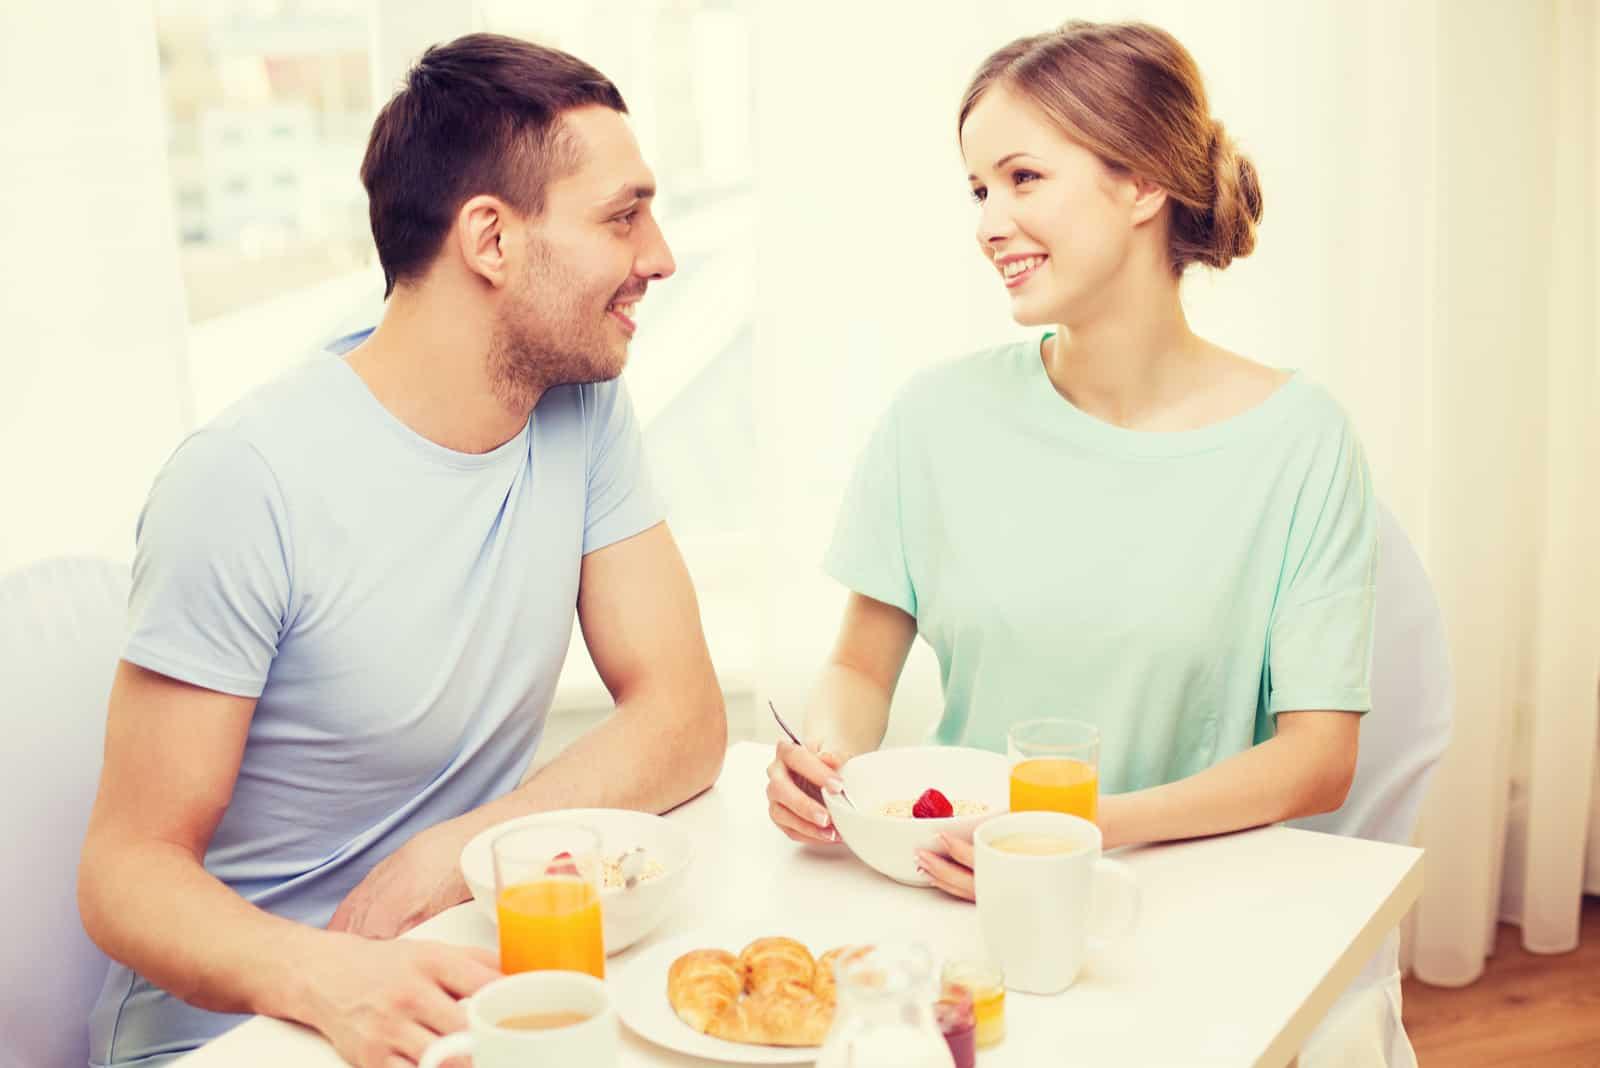 un homme et une femme prennent le petit déjeuner et parlent